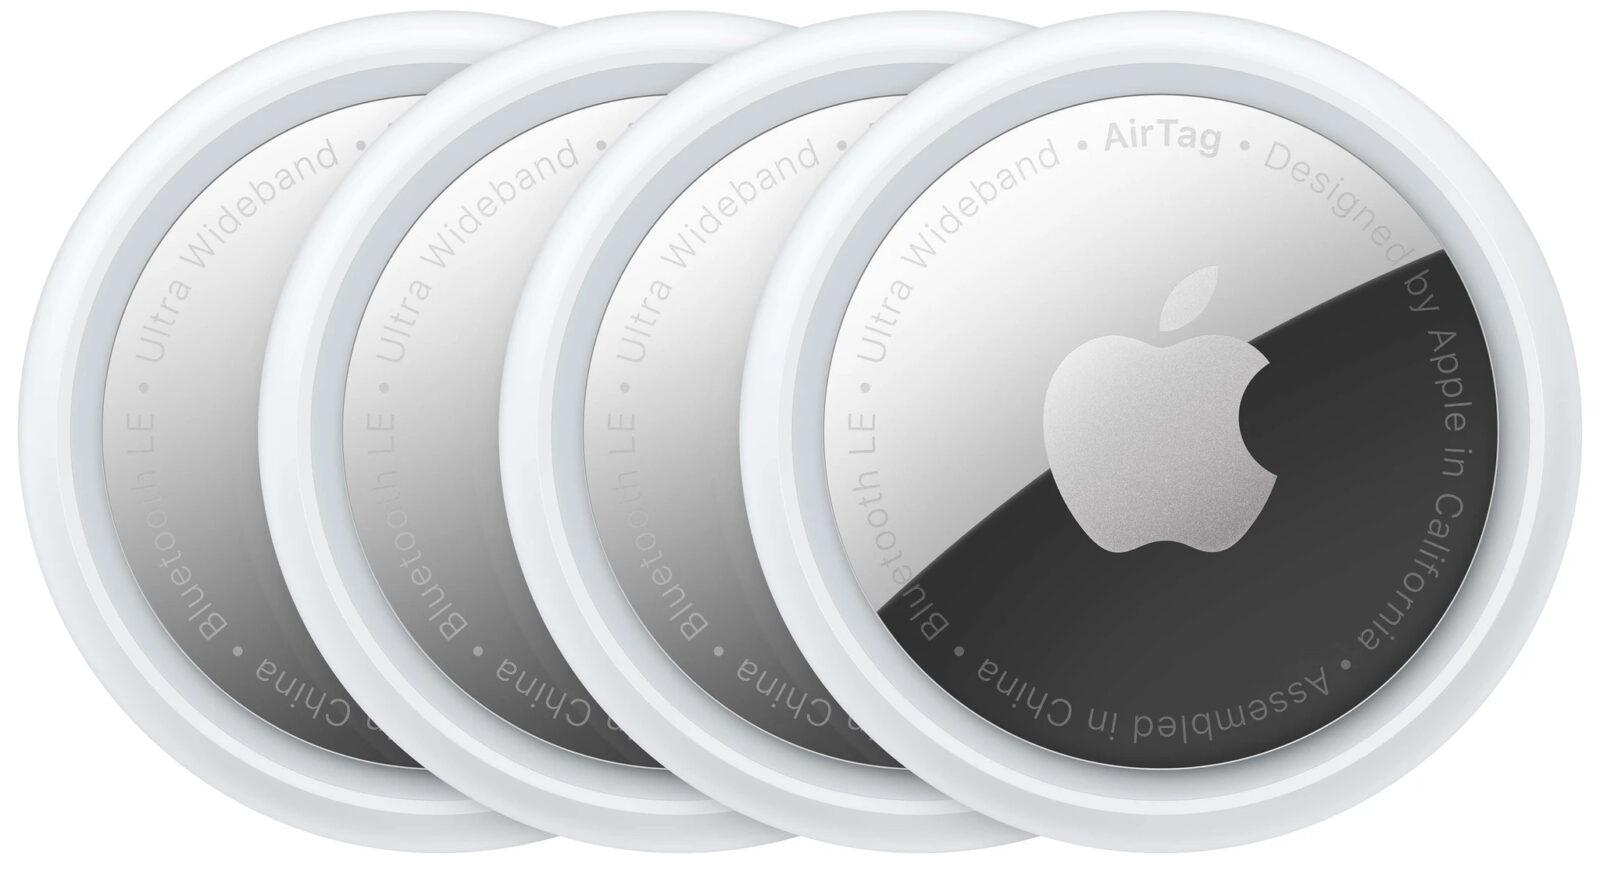 Обзор Apple AirTag: легко найти и невозможно потерять (apple airtags 4 stuks)